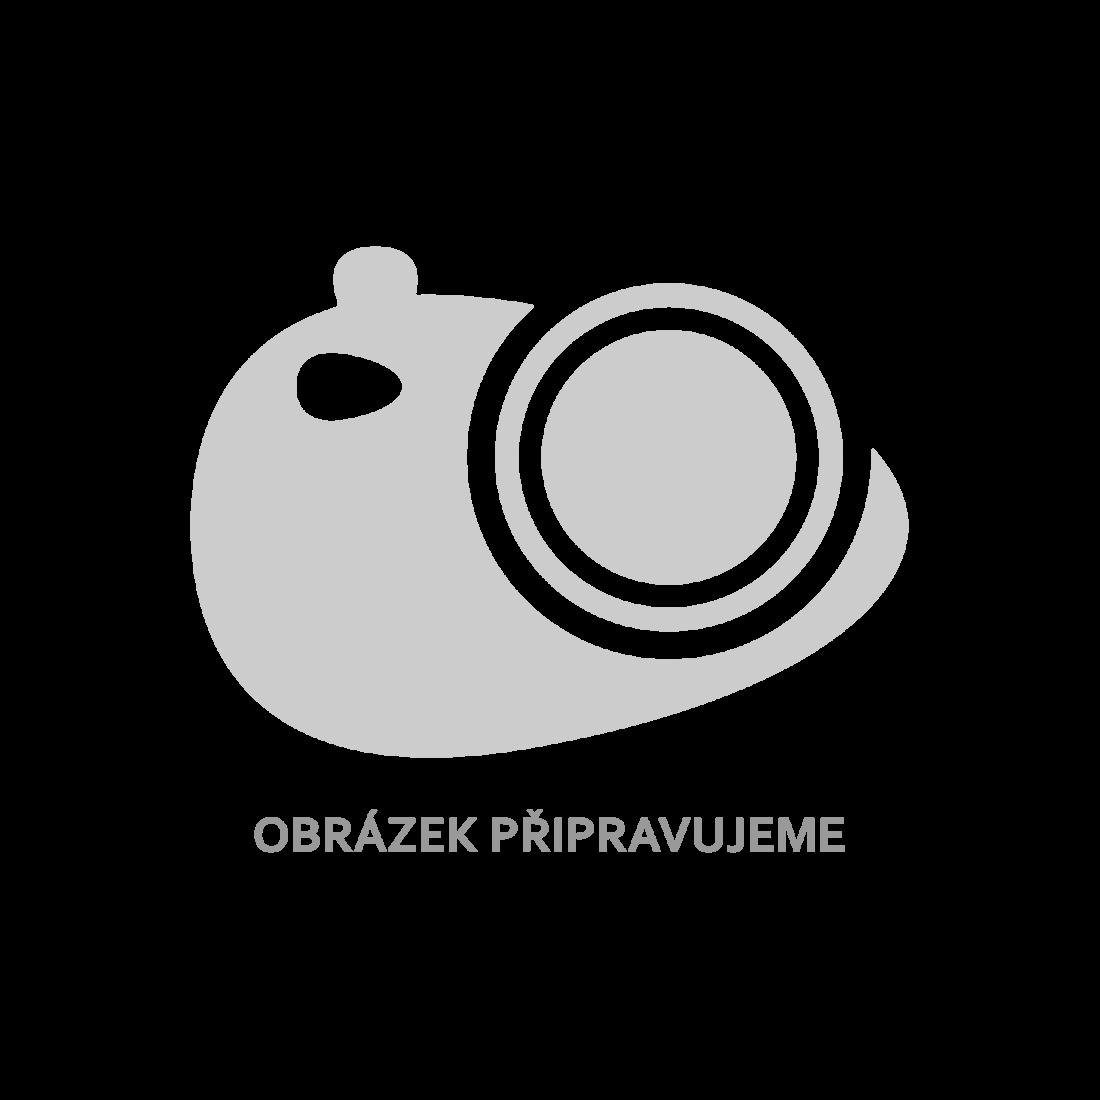 vidaXL Zahradní barové stoličky 2 ks impregnované borové dřevo [44911]